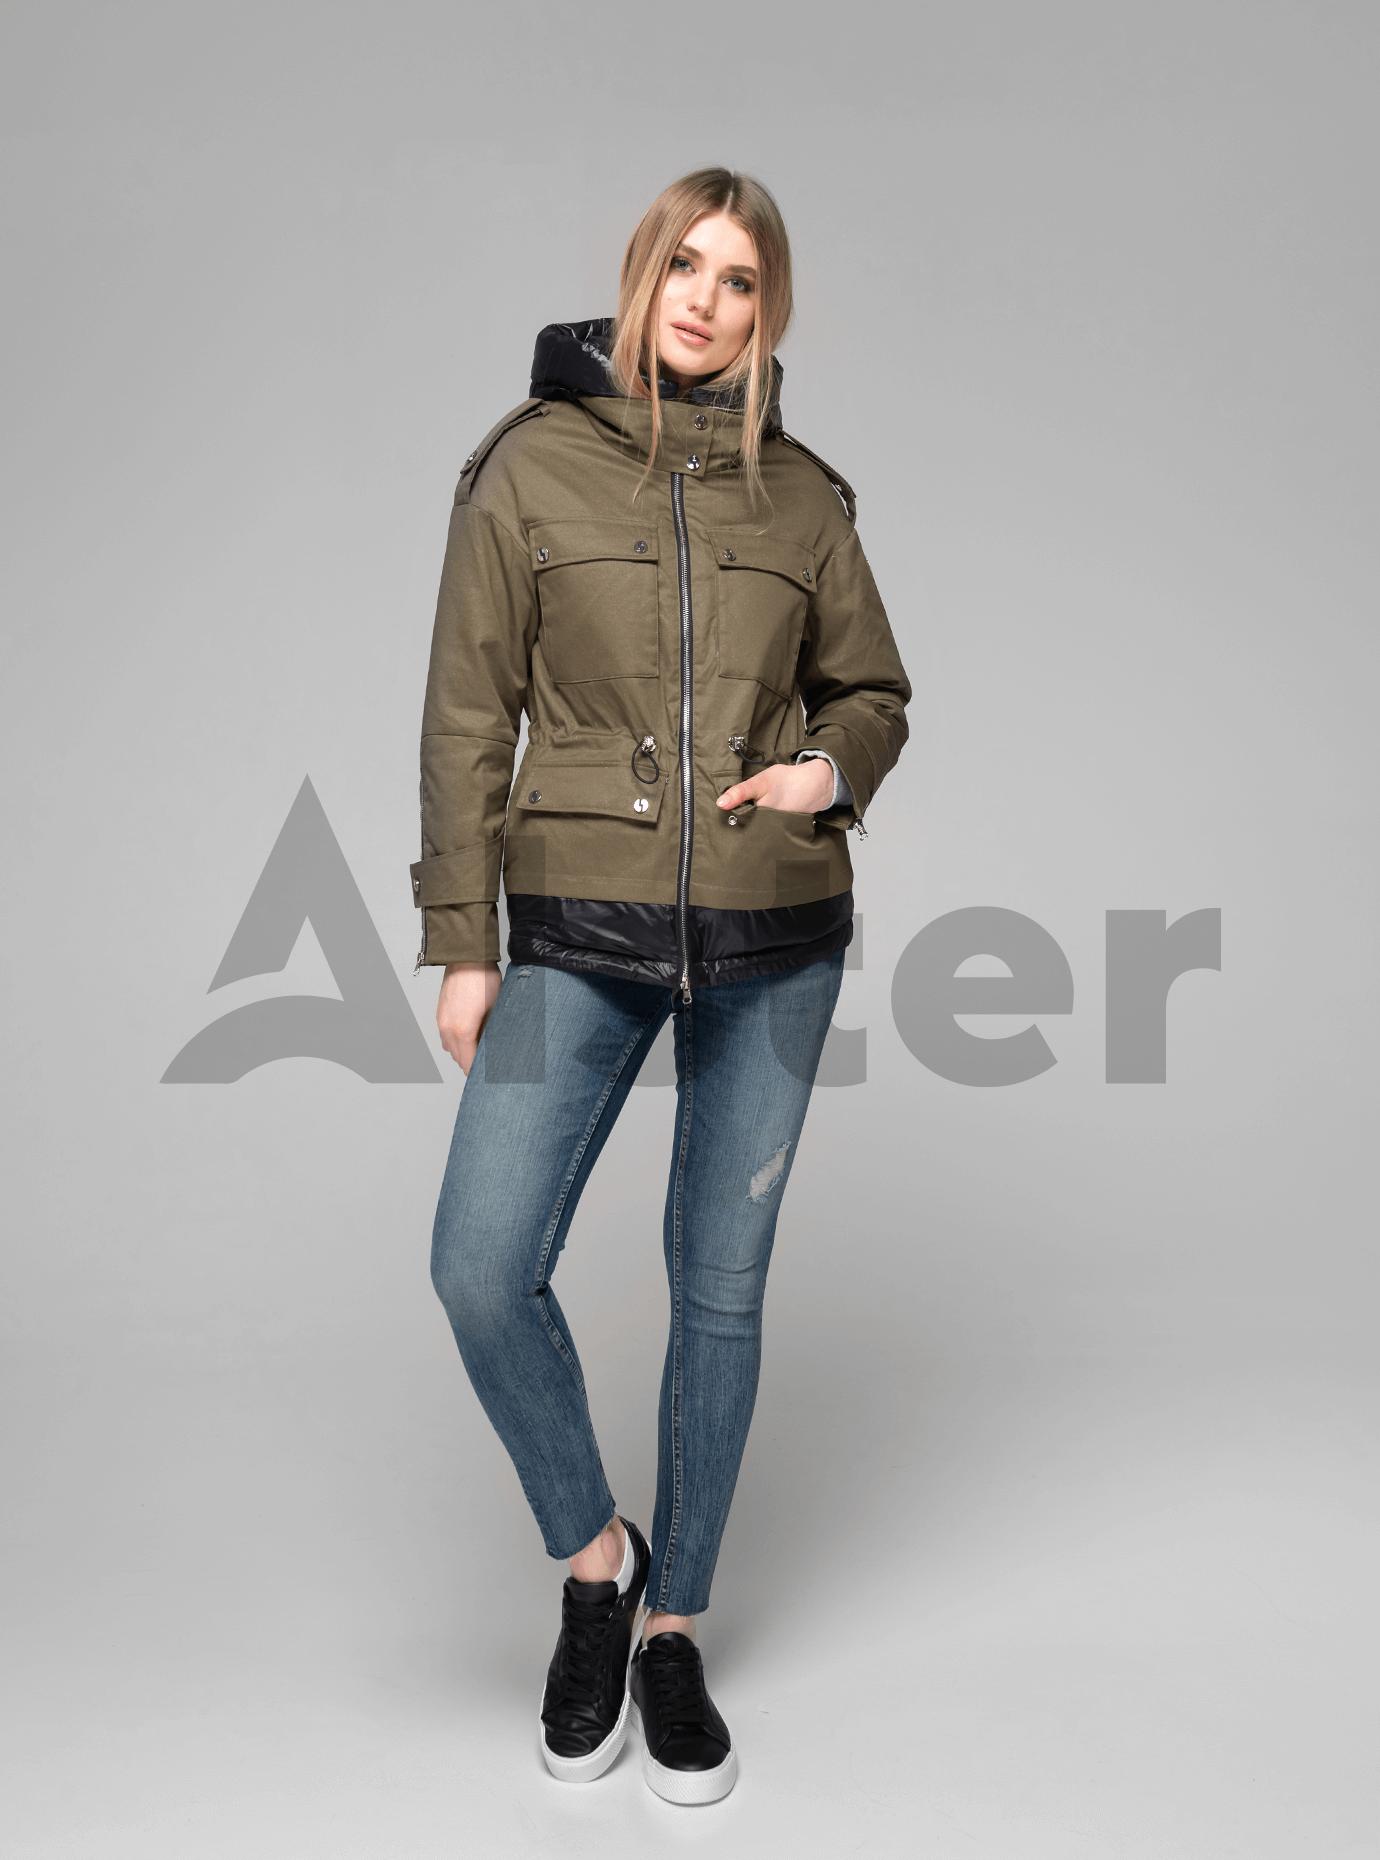 Куртка демисезонная короткая с капюшоном Хаки XL (02-V191045): фото - Alster.ua